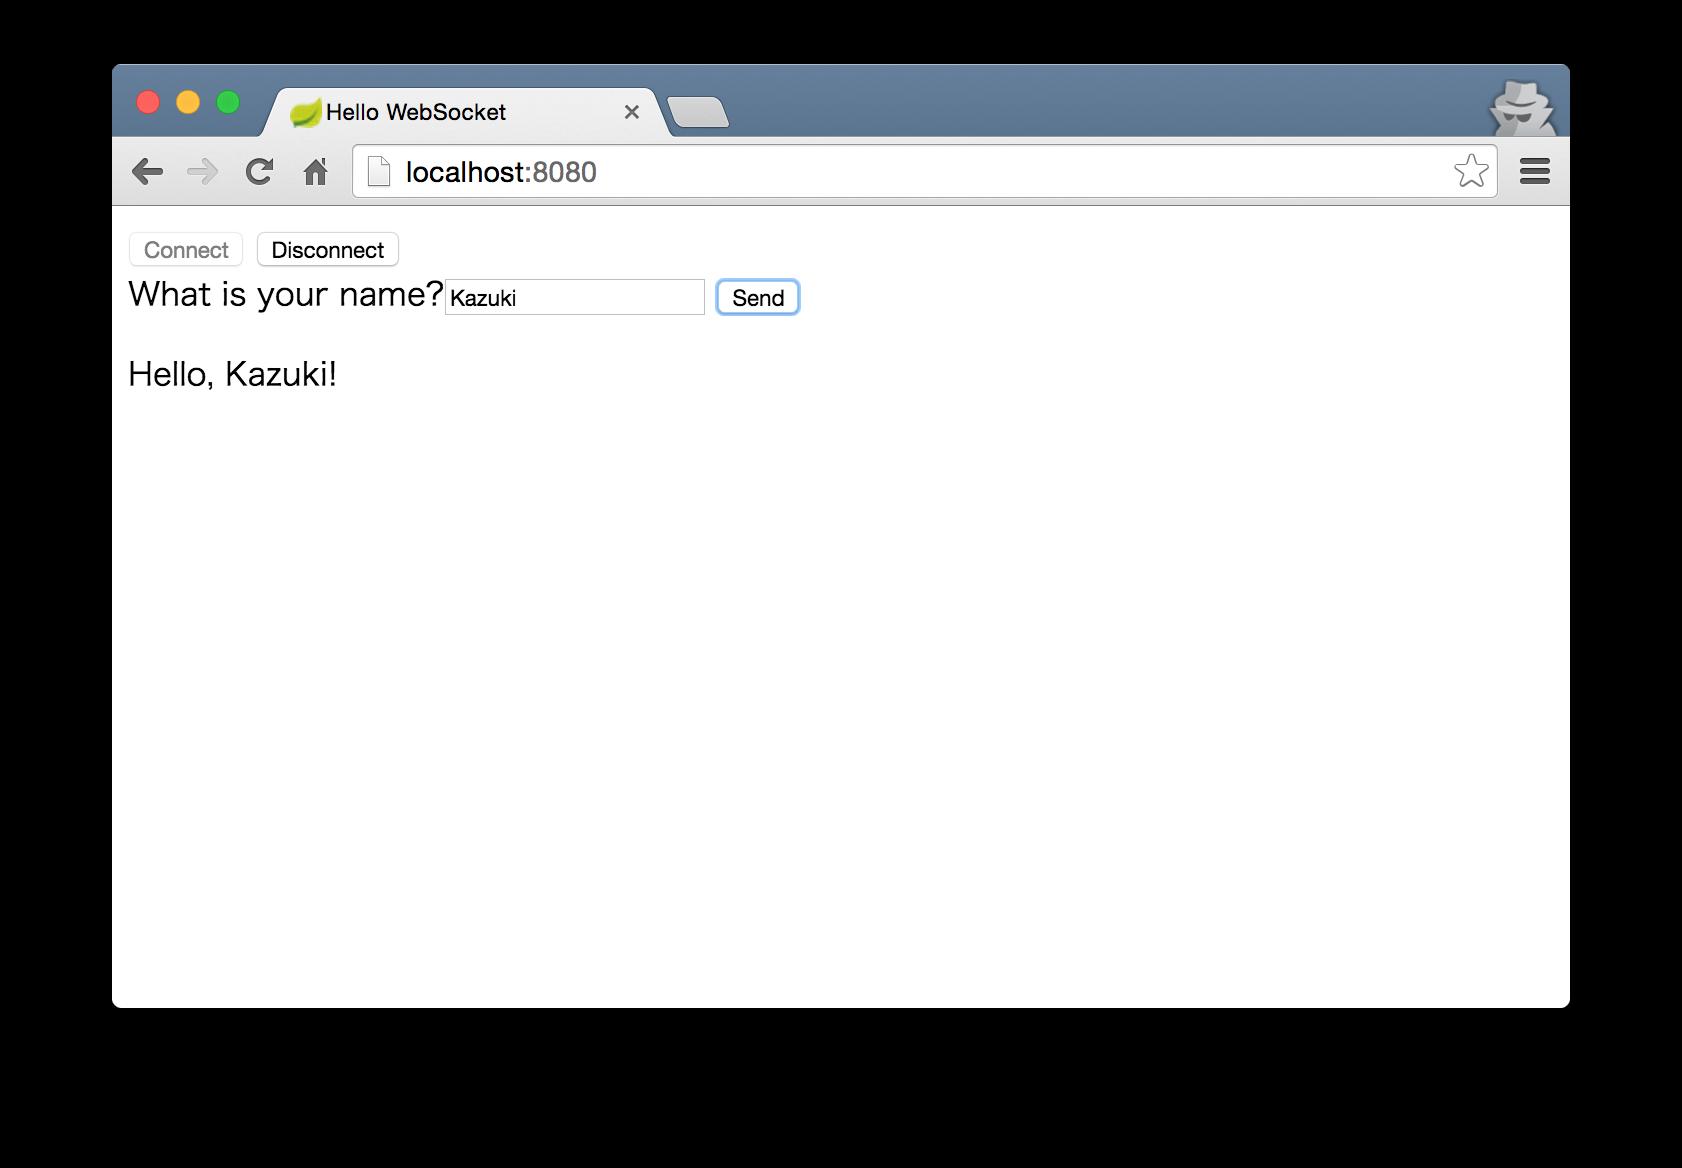 spr43-websocket-send.png